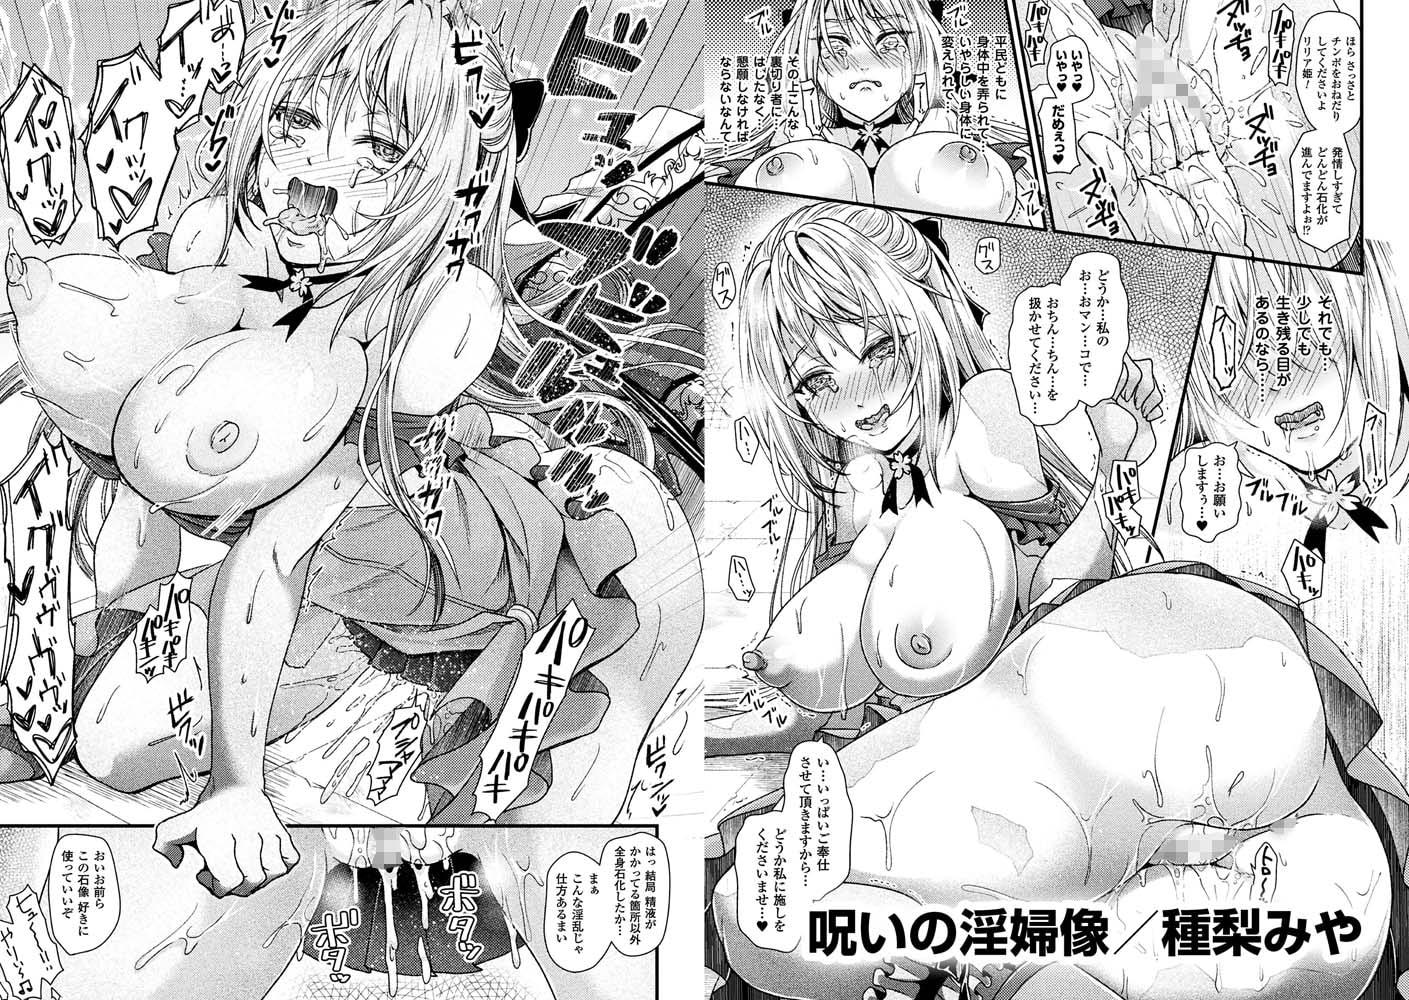 別冊コミックアンリアル 石化END~絶望の中で石像へと変えられる少女たち~デジタル版Vol.2